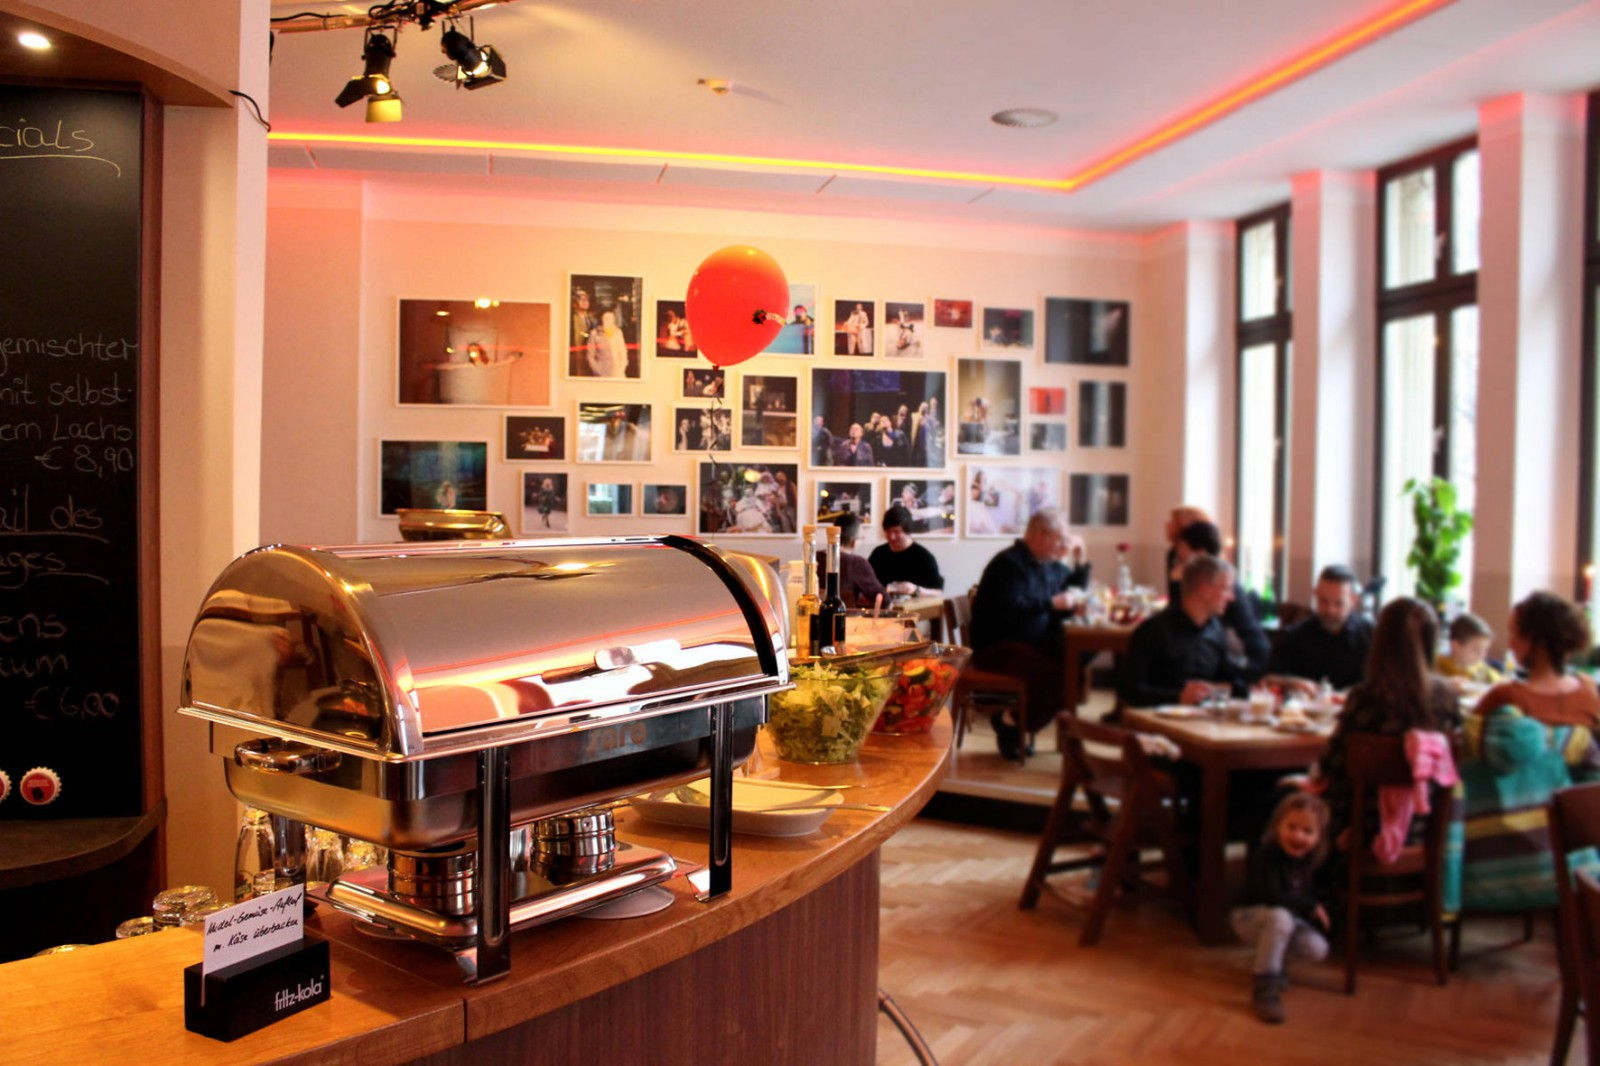 Mephisto - Restaurant Cafe Kneipe Bar Biergarten in Magdeburg